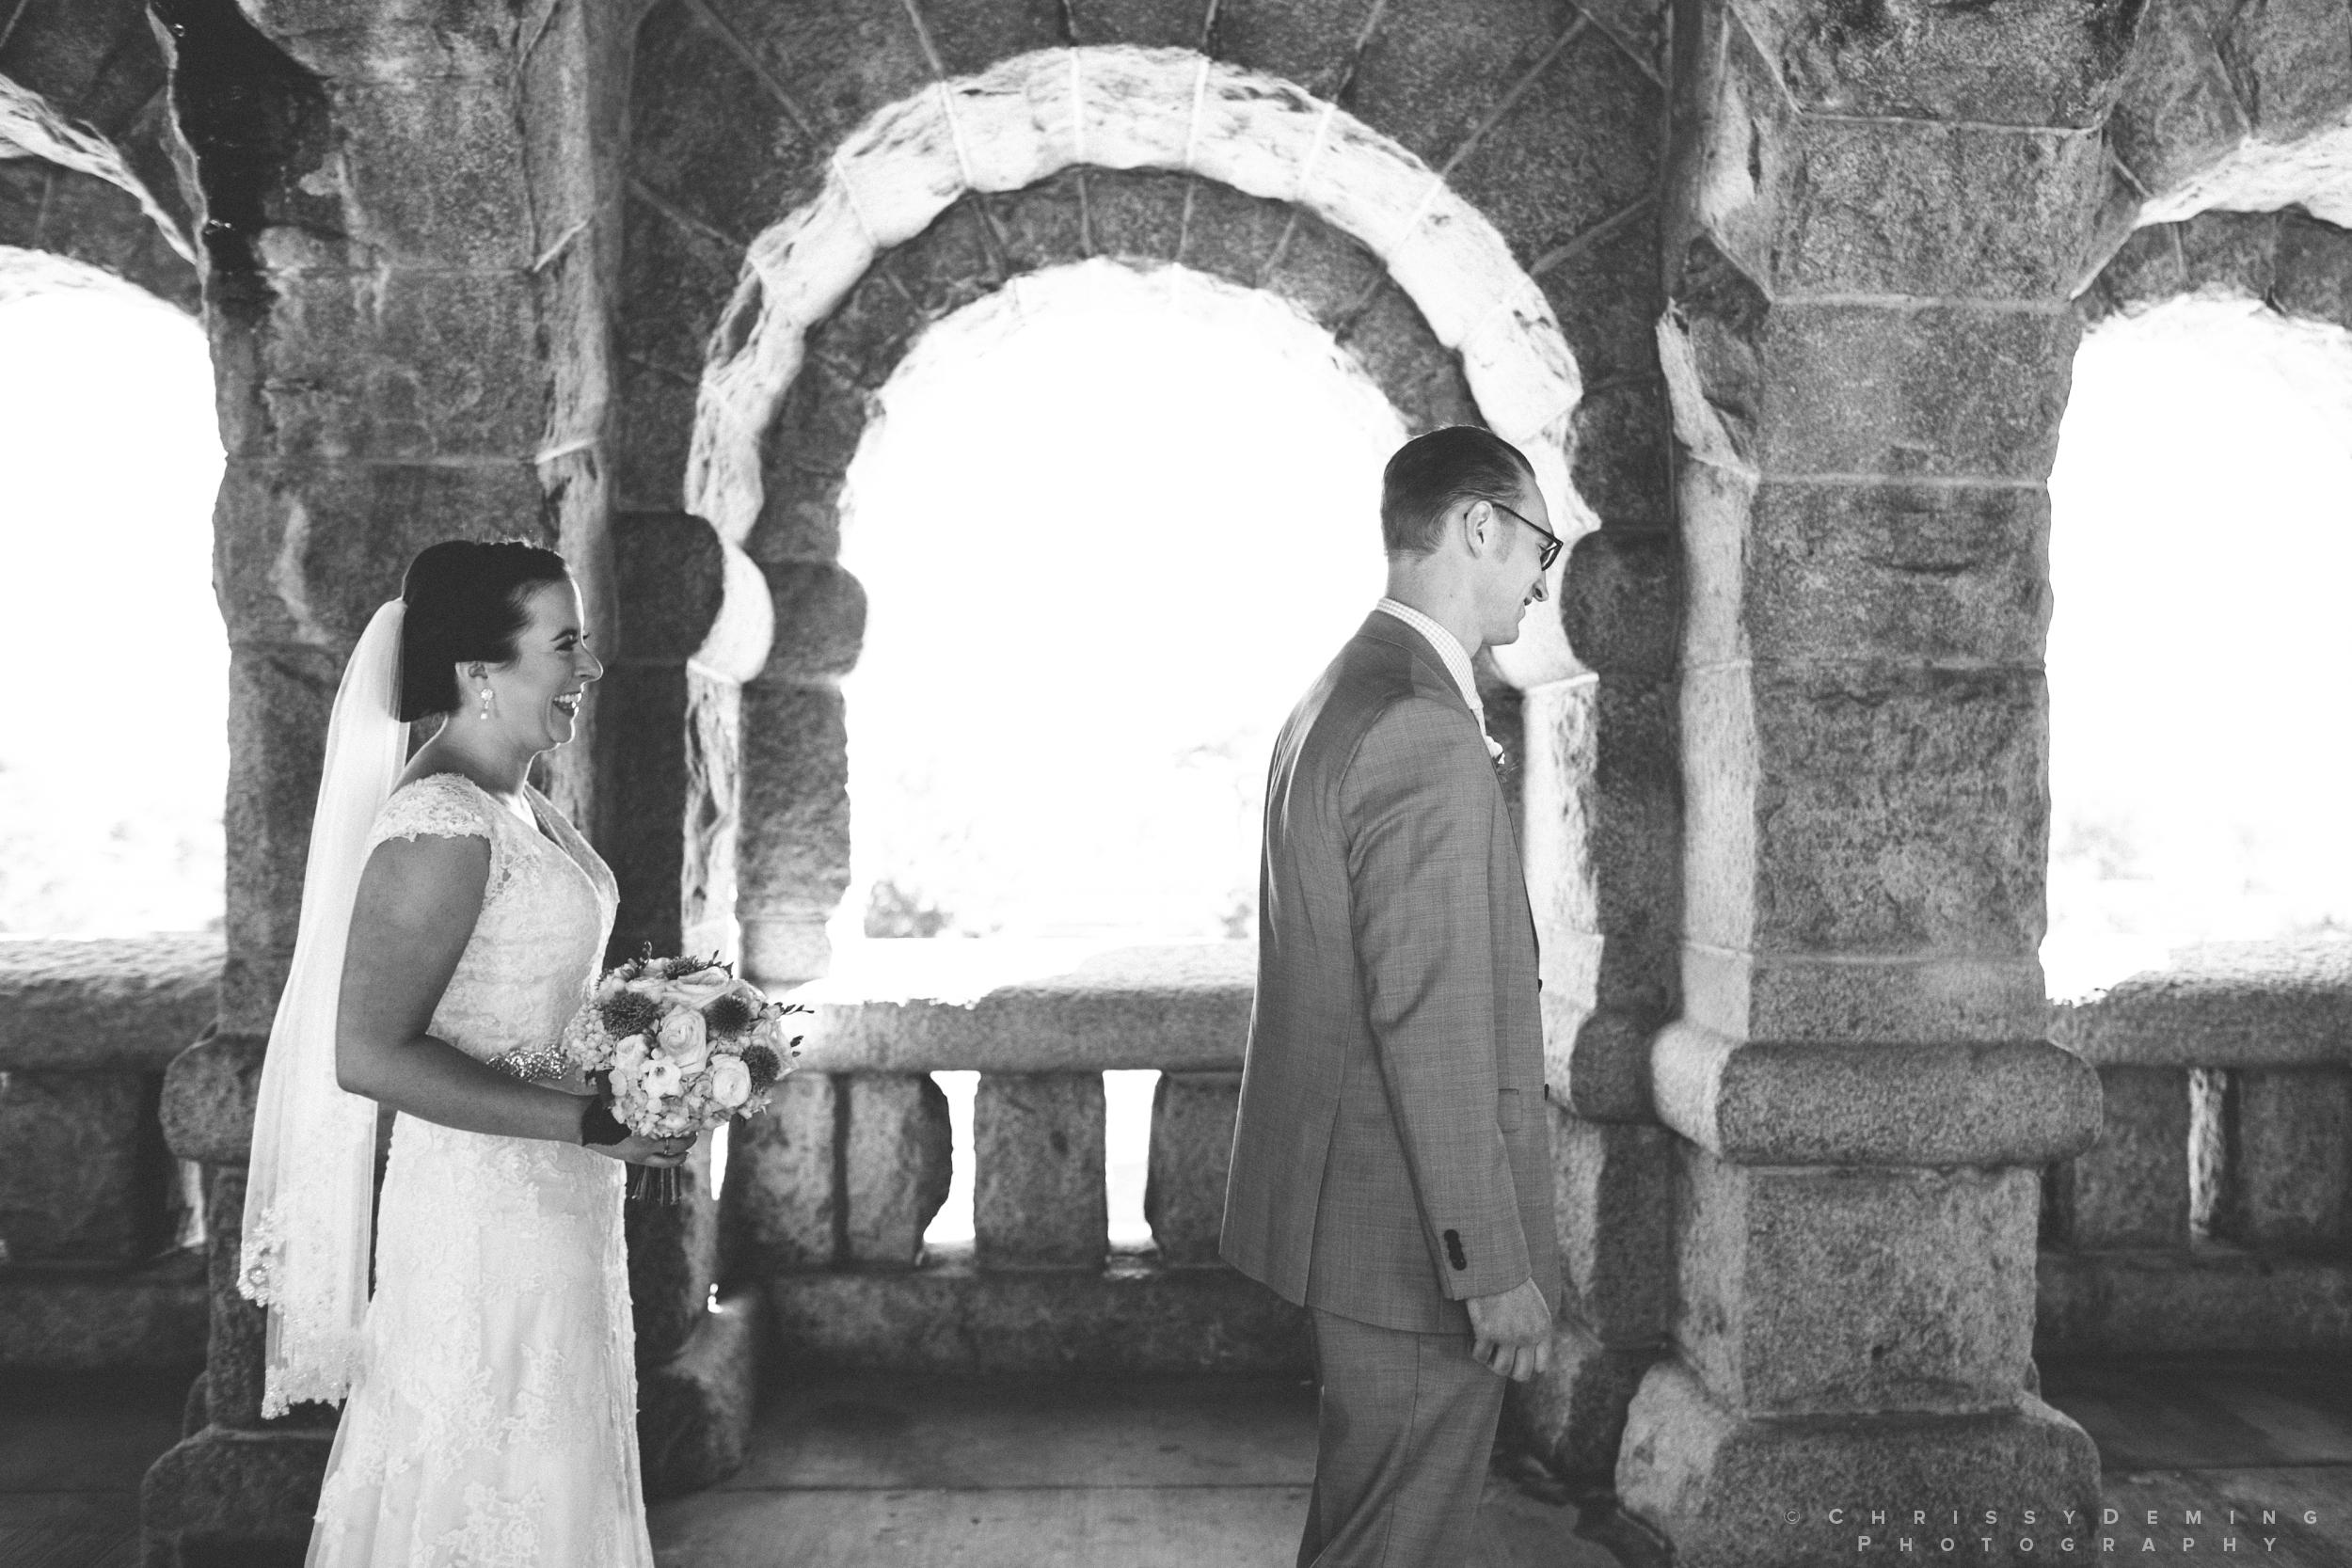 salvatores_chicago_ wedding_photographer_0014.jpg